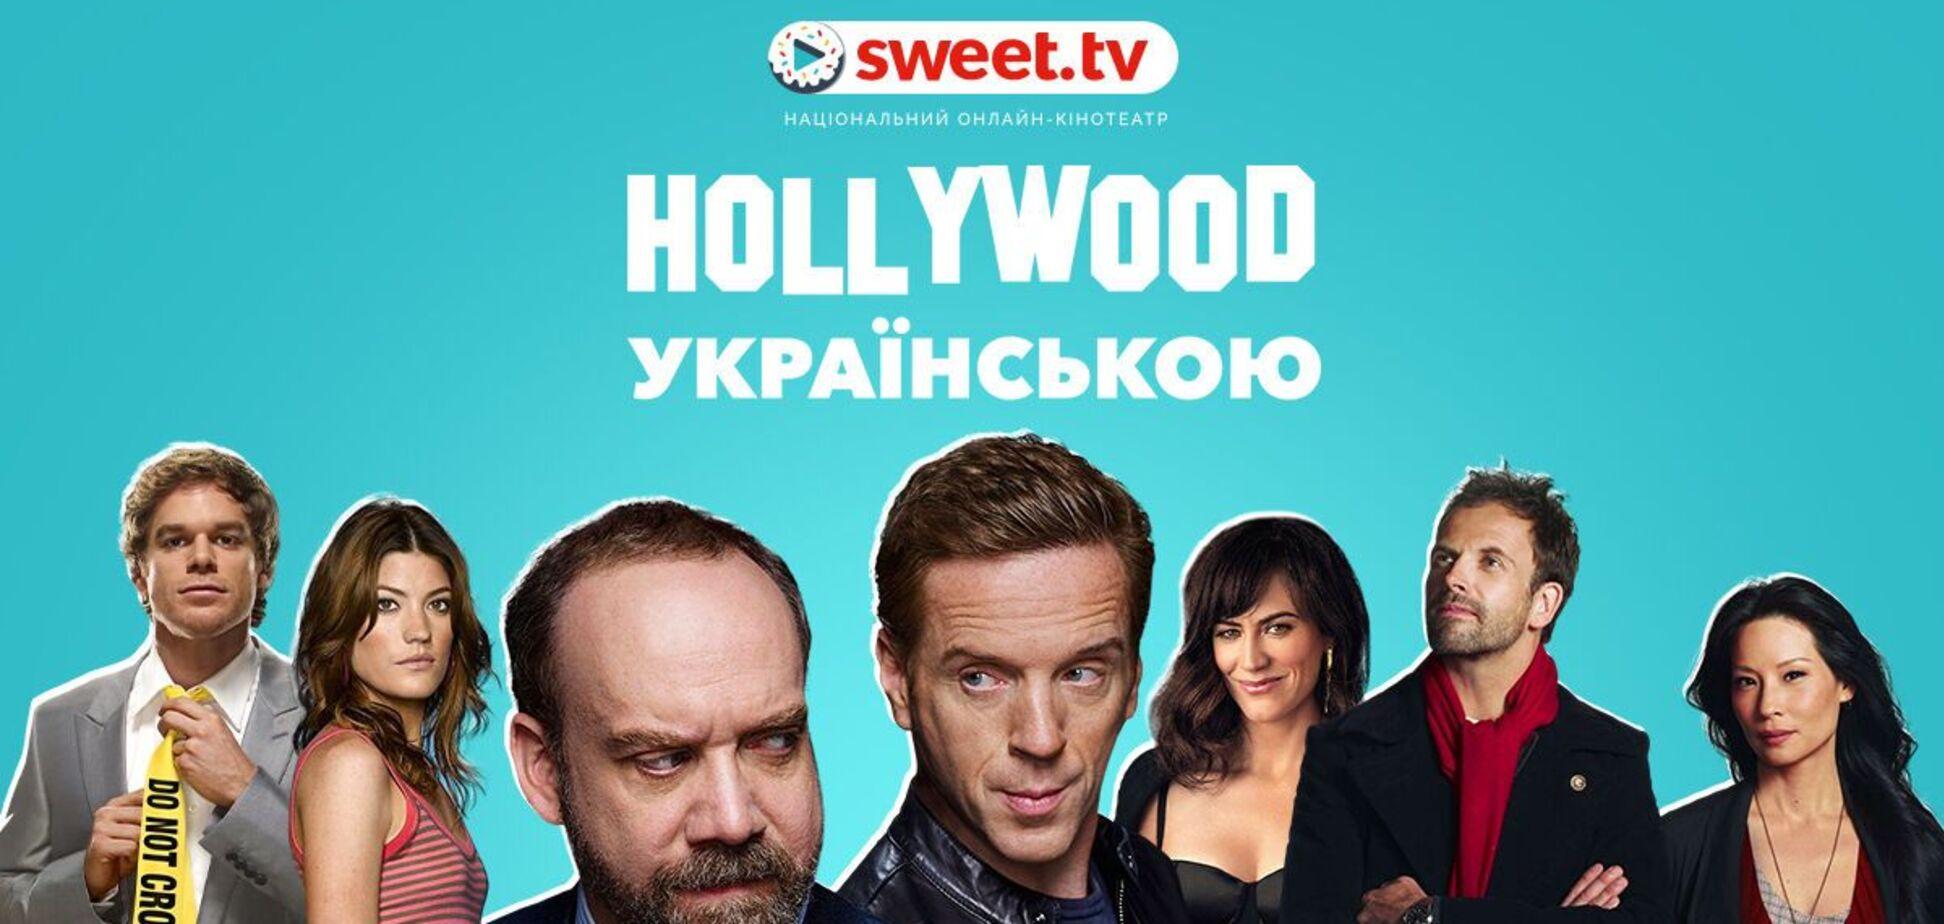 'Hollywood українською' от SWEET.TV: культовые сериалы впервые получили украинское звучание